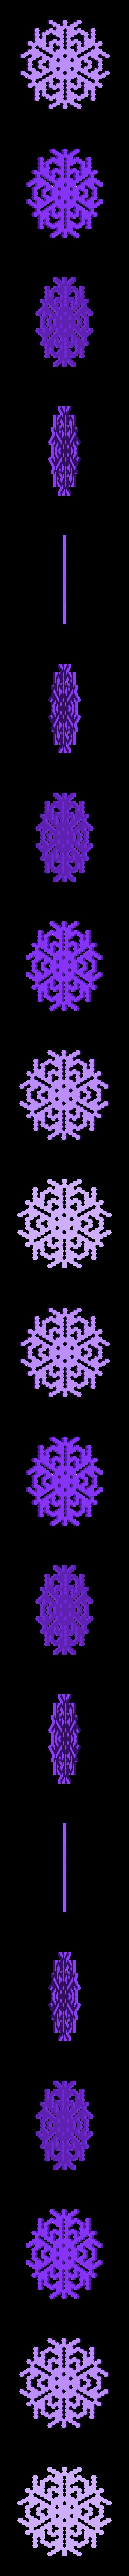 other-hex7.stl Télécharger fichier STL gratuit Automate cellulaire BlocsGénérateur de flocons de neige CAO • Design imprimable en 3D, arpruss